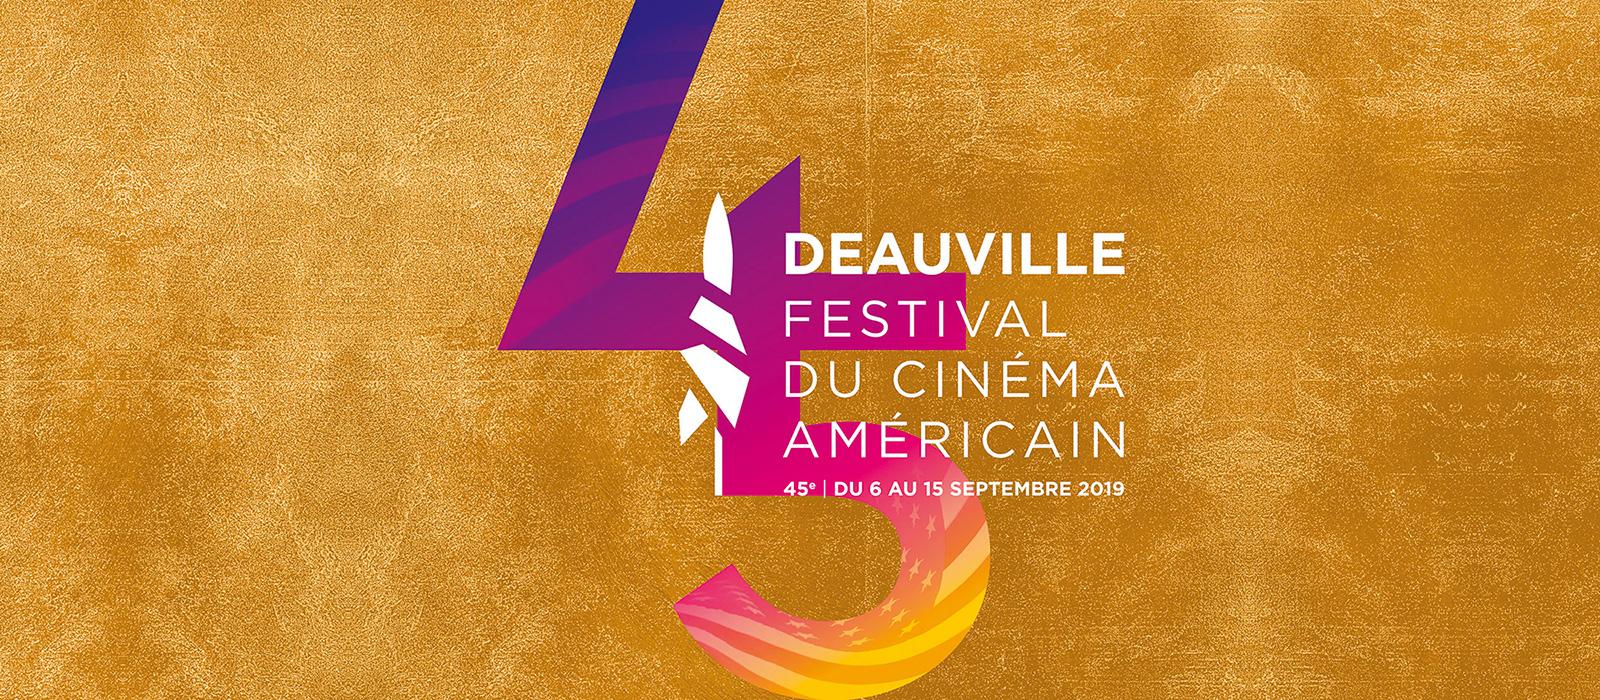 Deauville American Film Festival - September 2019